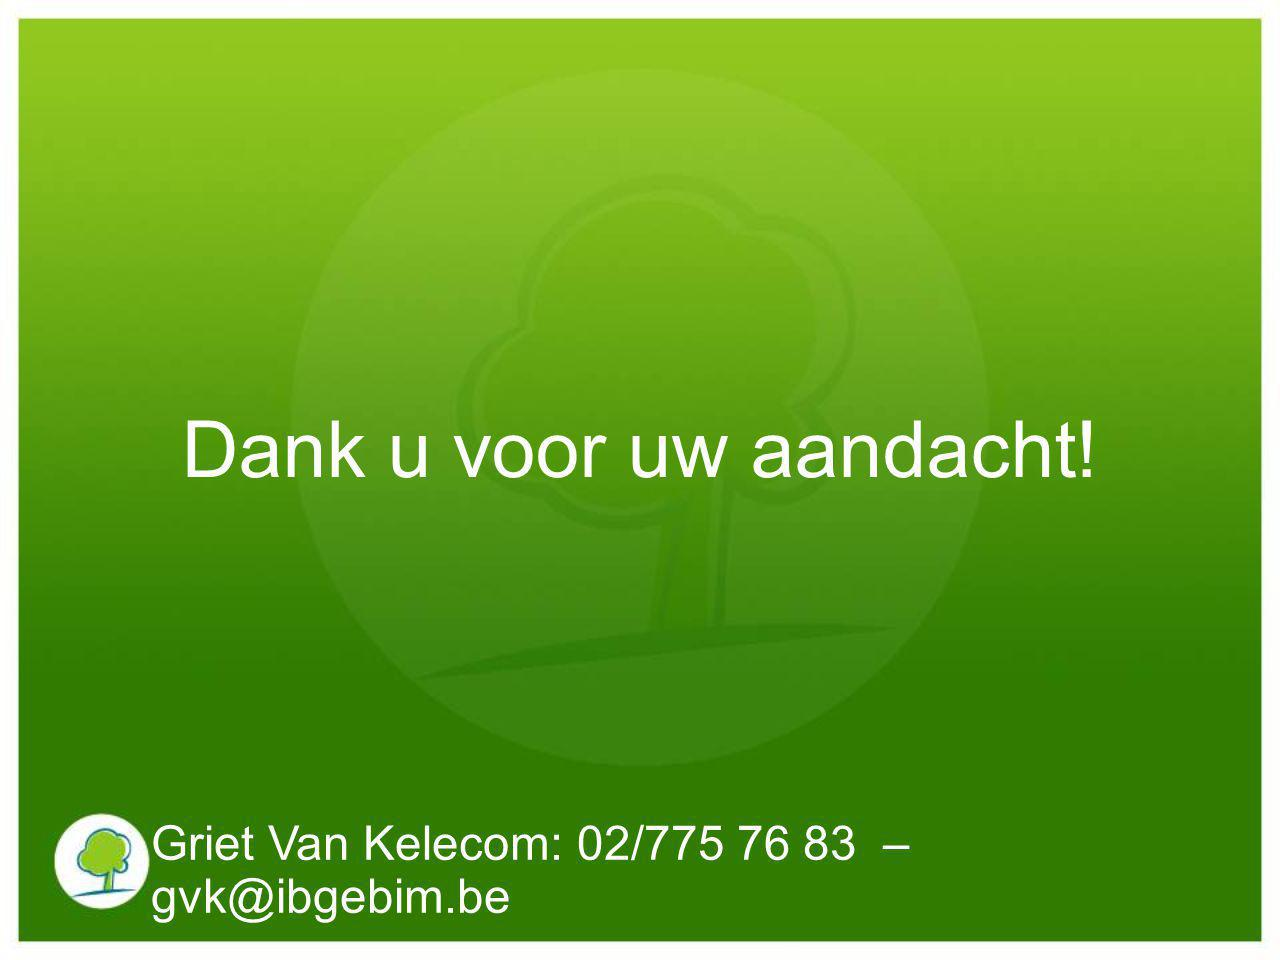 Dank u voor uw aandacht! Griet Van Kelecom: 02/775 76 83 – gvk@ibgebim.be